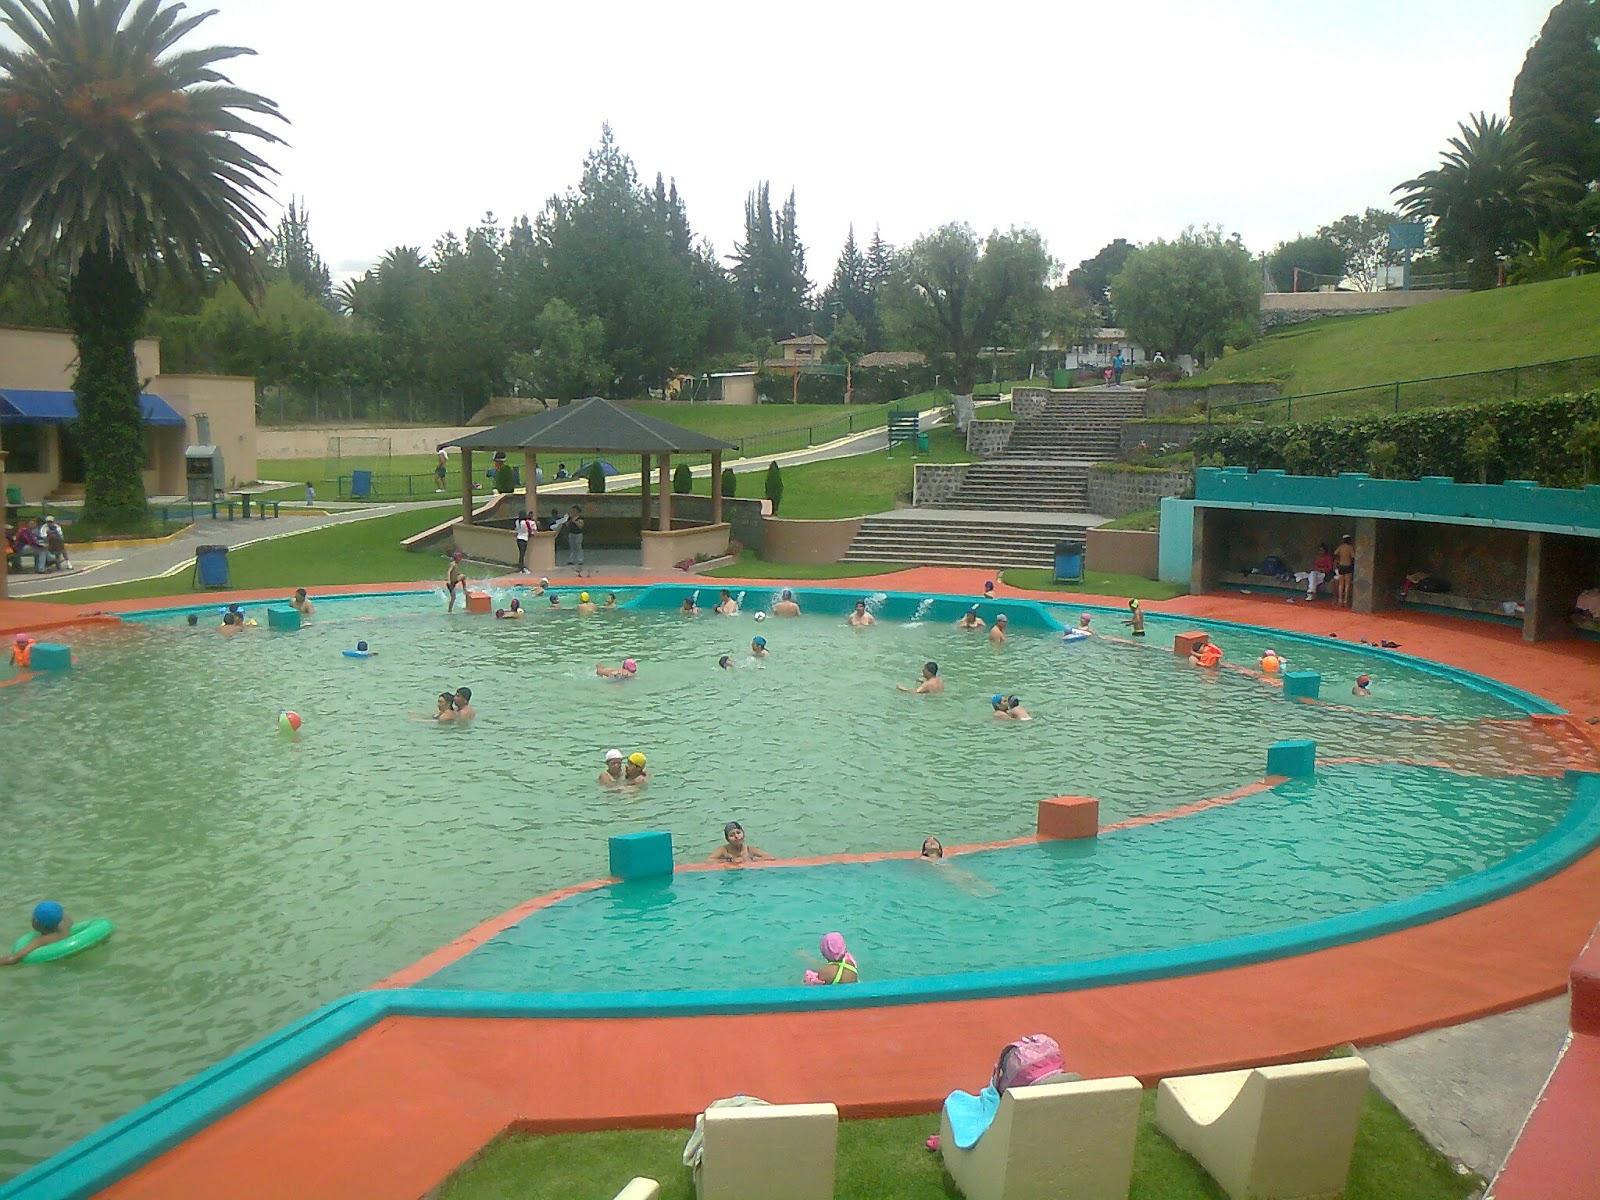 Parque piscina La Merced Pichincha Ecuador